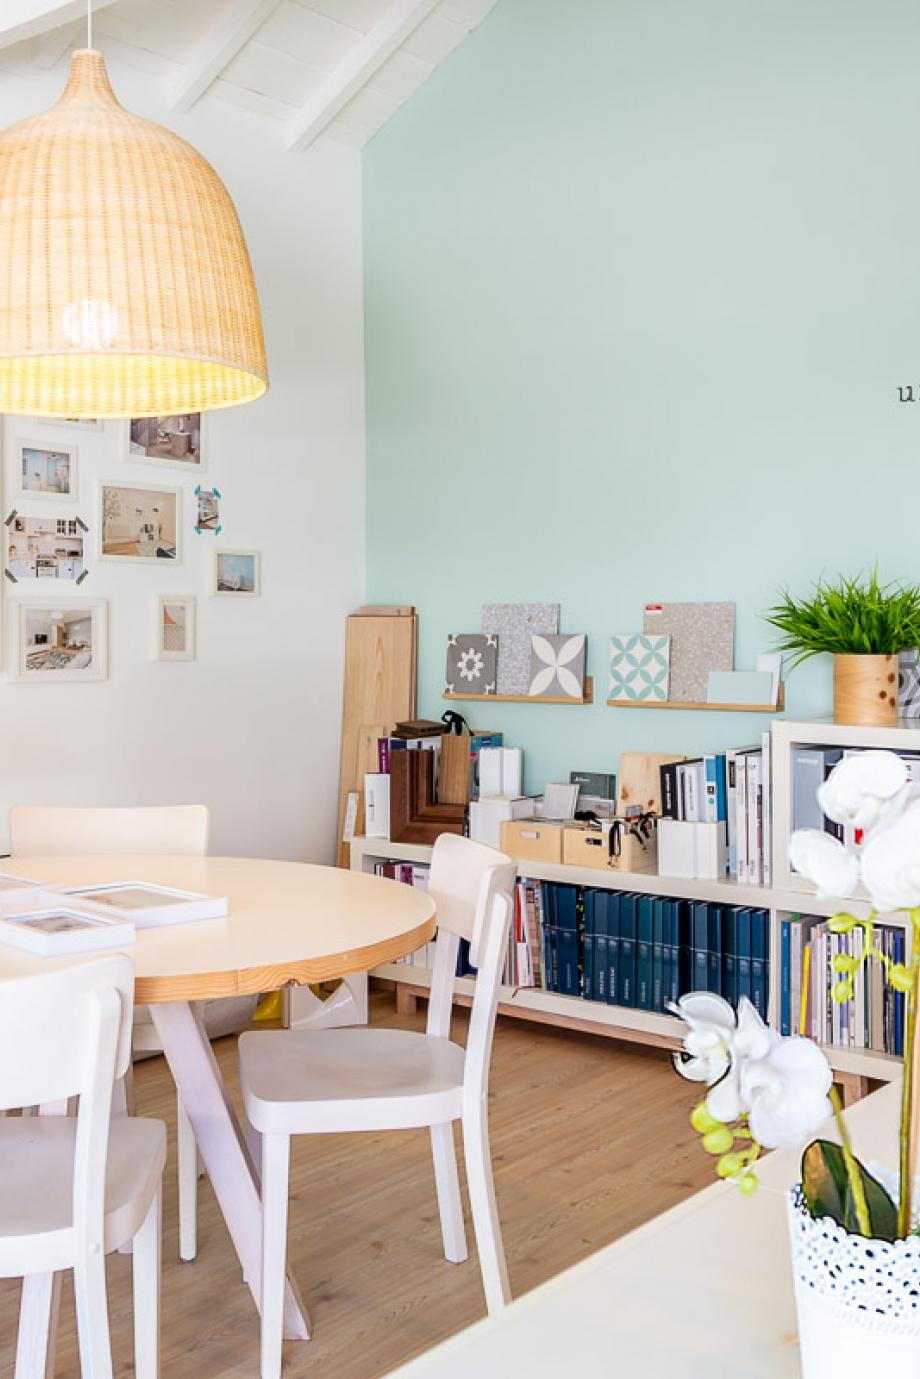 LisboaCool_Comprar_Aqui Perto: Home Stories